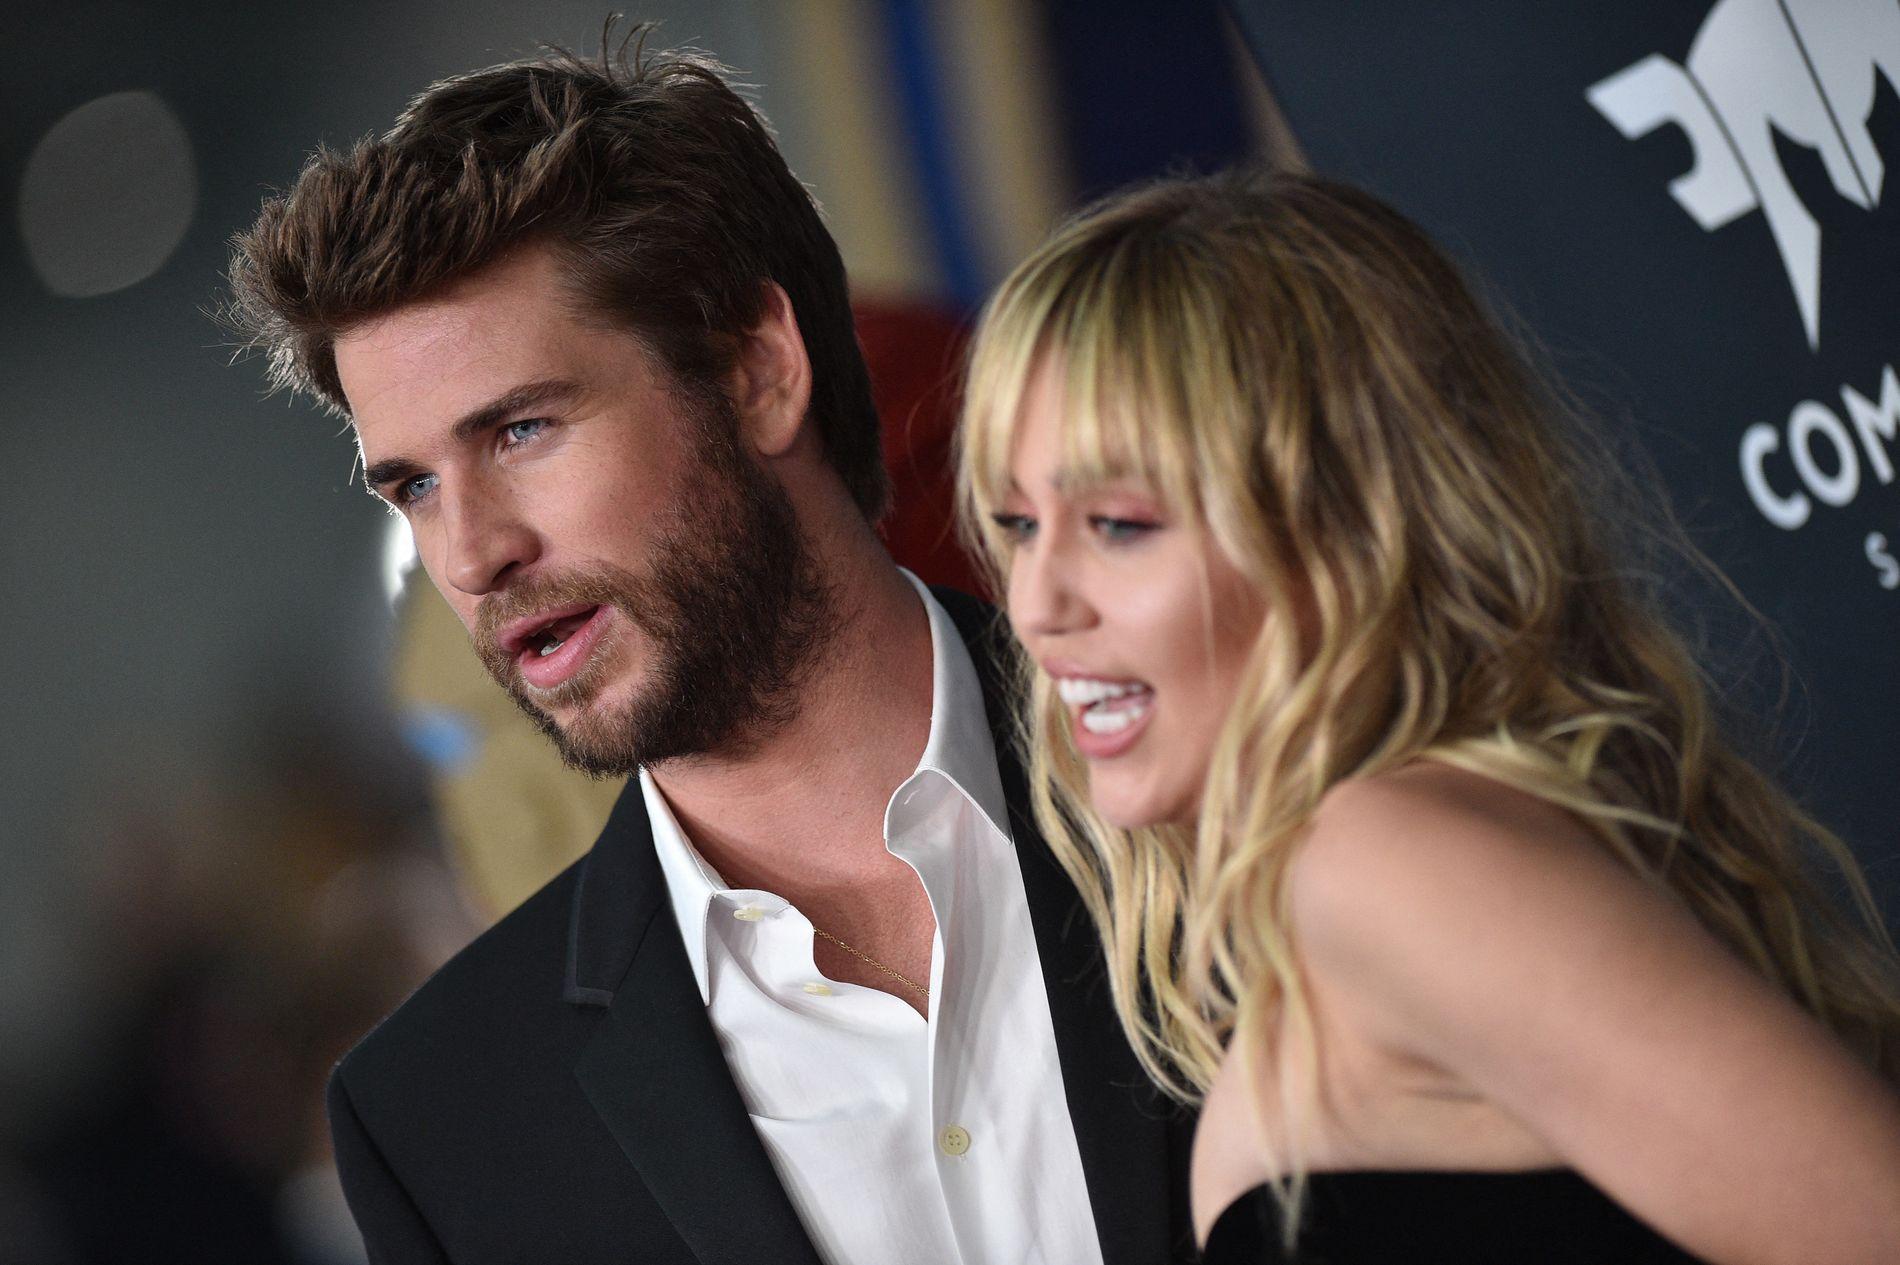 BARE NESTEN: Miley Cyrus hadde et ublidt møte med en fan i Barcelona. Dette bilde av Curys og ektemannen Liam Hemsworth er hentet fra verdenspremieren på «Avengers: Endgame» i Los Angeles i april.